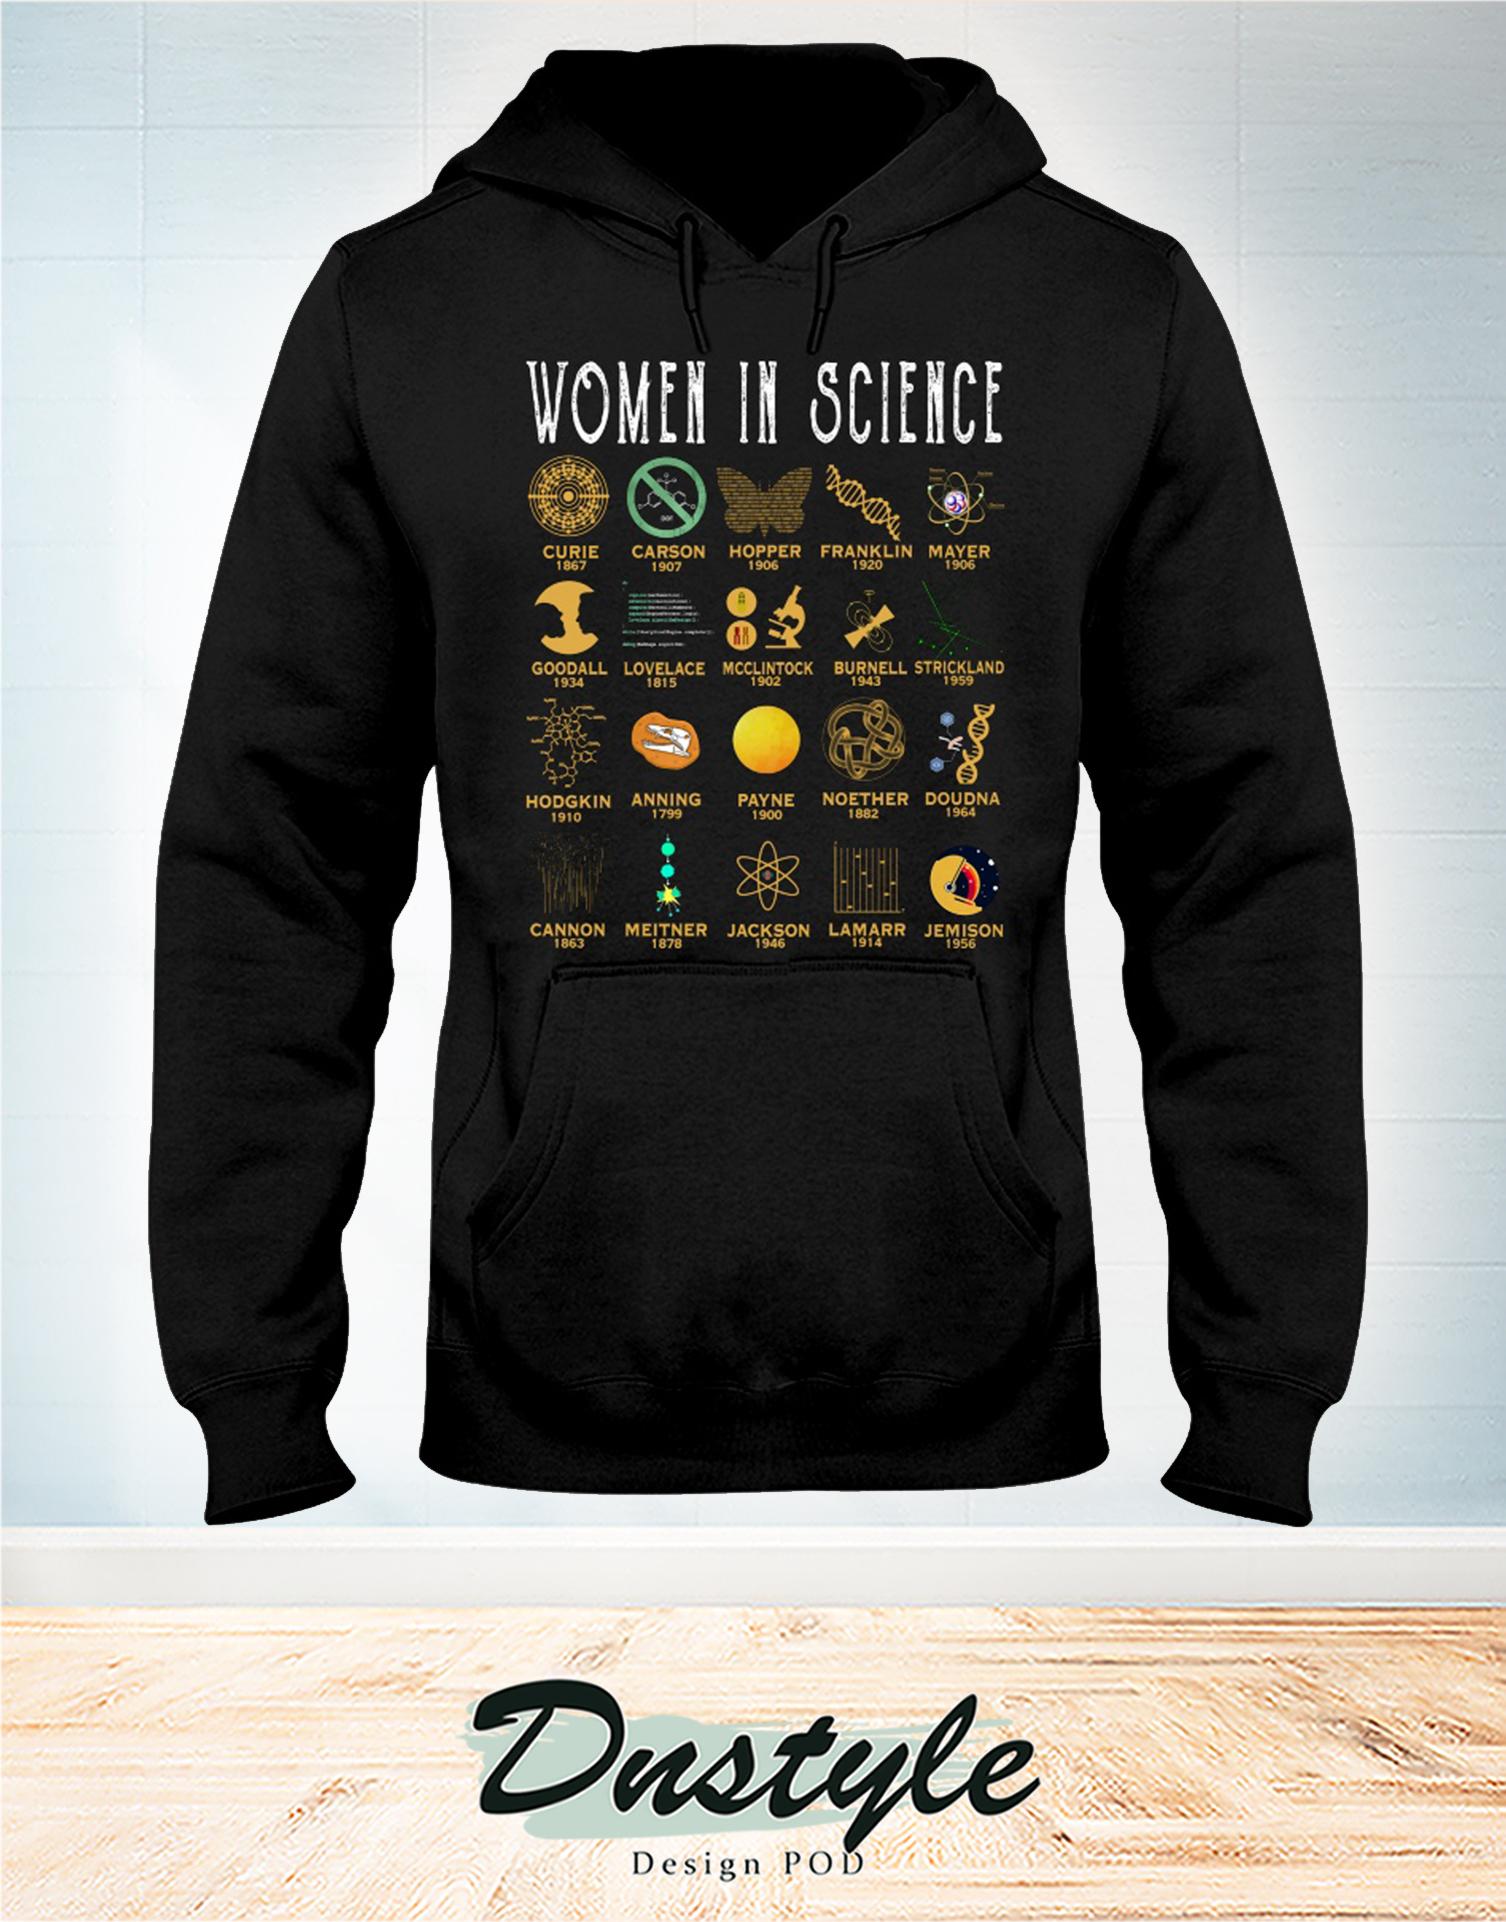 Women in science curie carson hopper frankin mayer hoodie